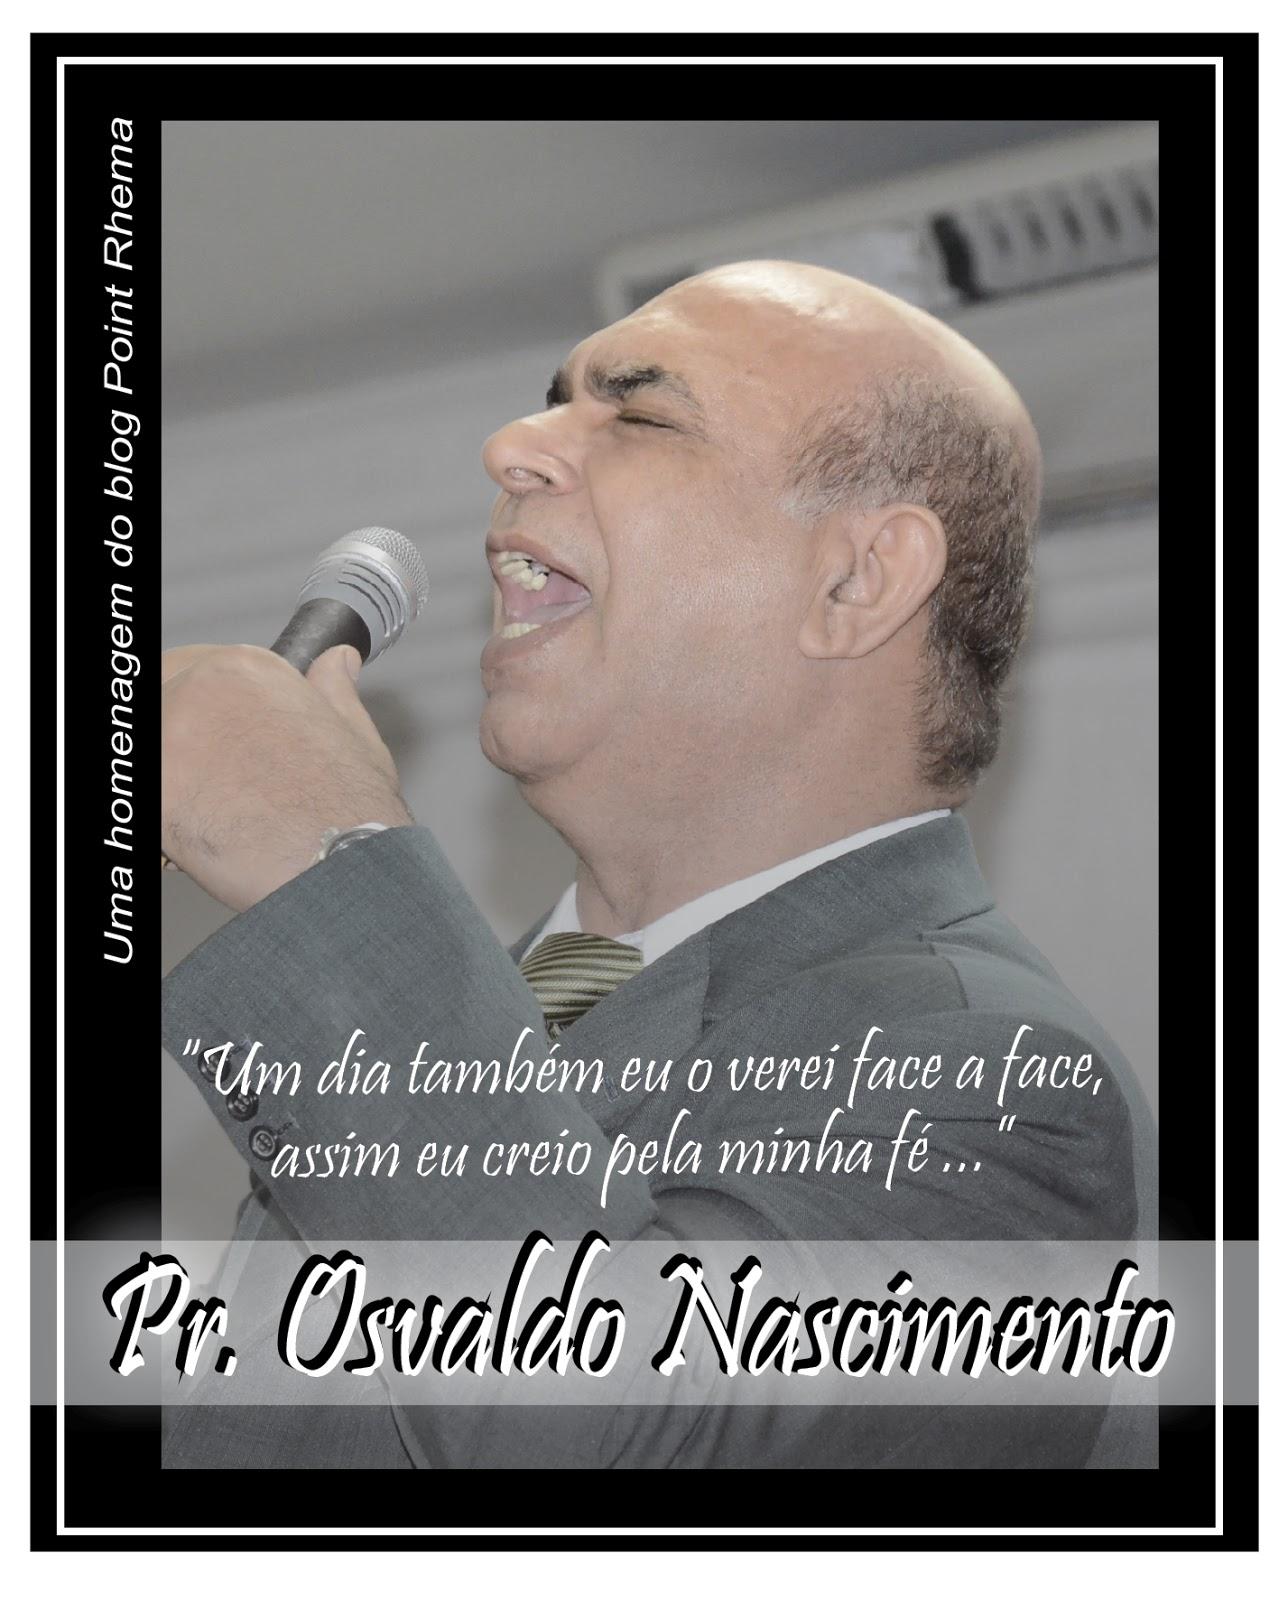 CANTOR OSVALDO NASCIMENTO PROMOVIDO ÀS MANSÕES CELESTIAIS